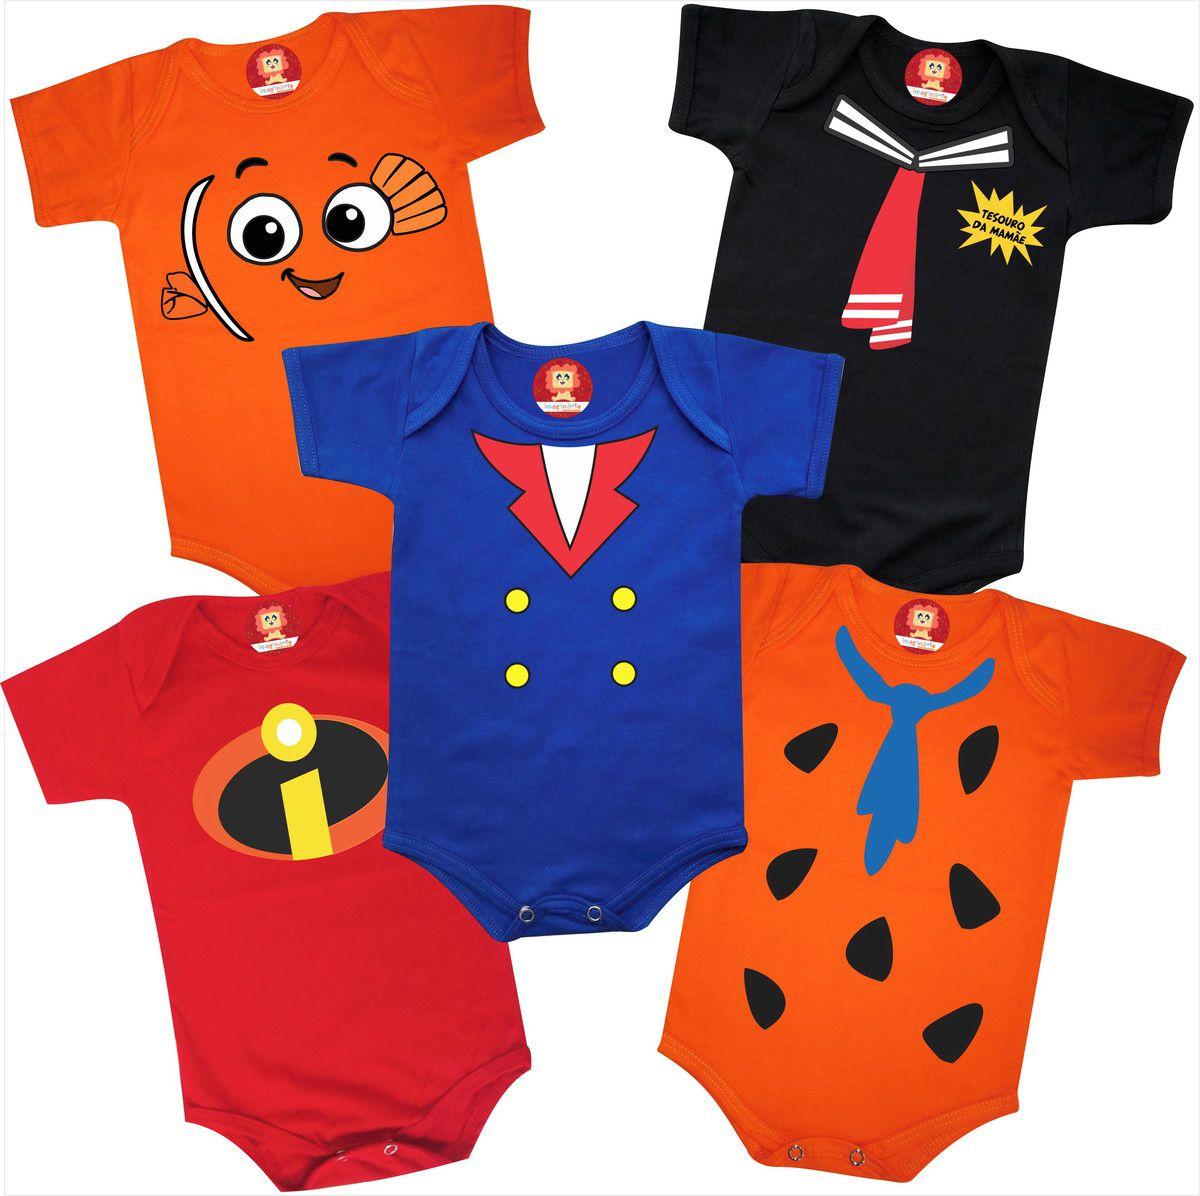 Combo Roupinhas de Bebê Divertidas Nemo Fred Flinstones Kiko  Pequeno Príncipe Incrível Leve 5 Pague 4